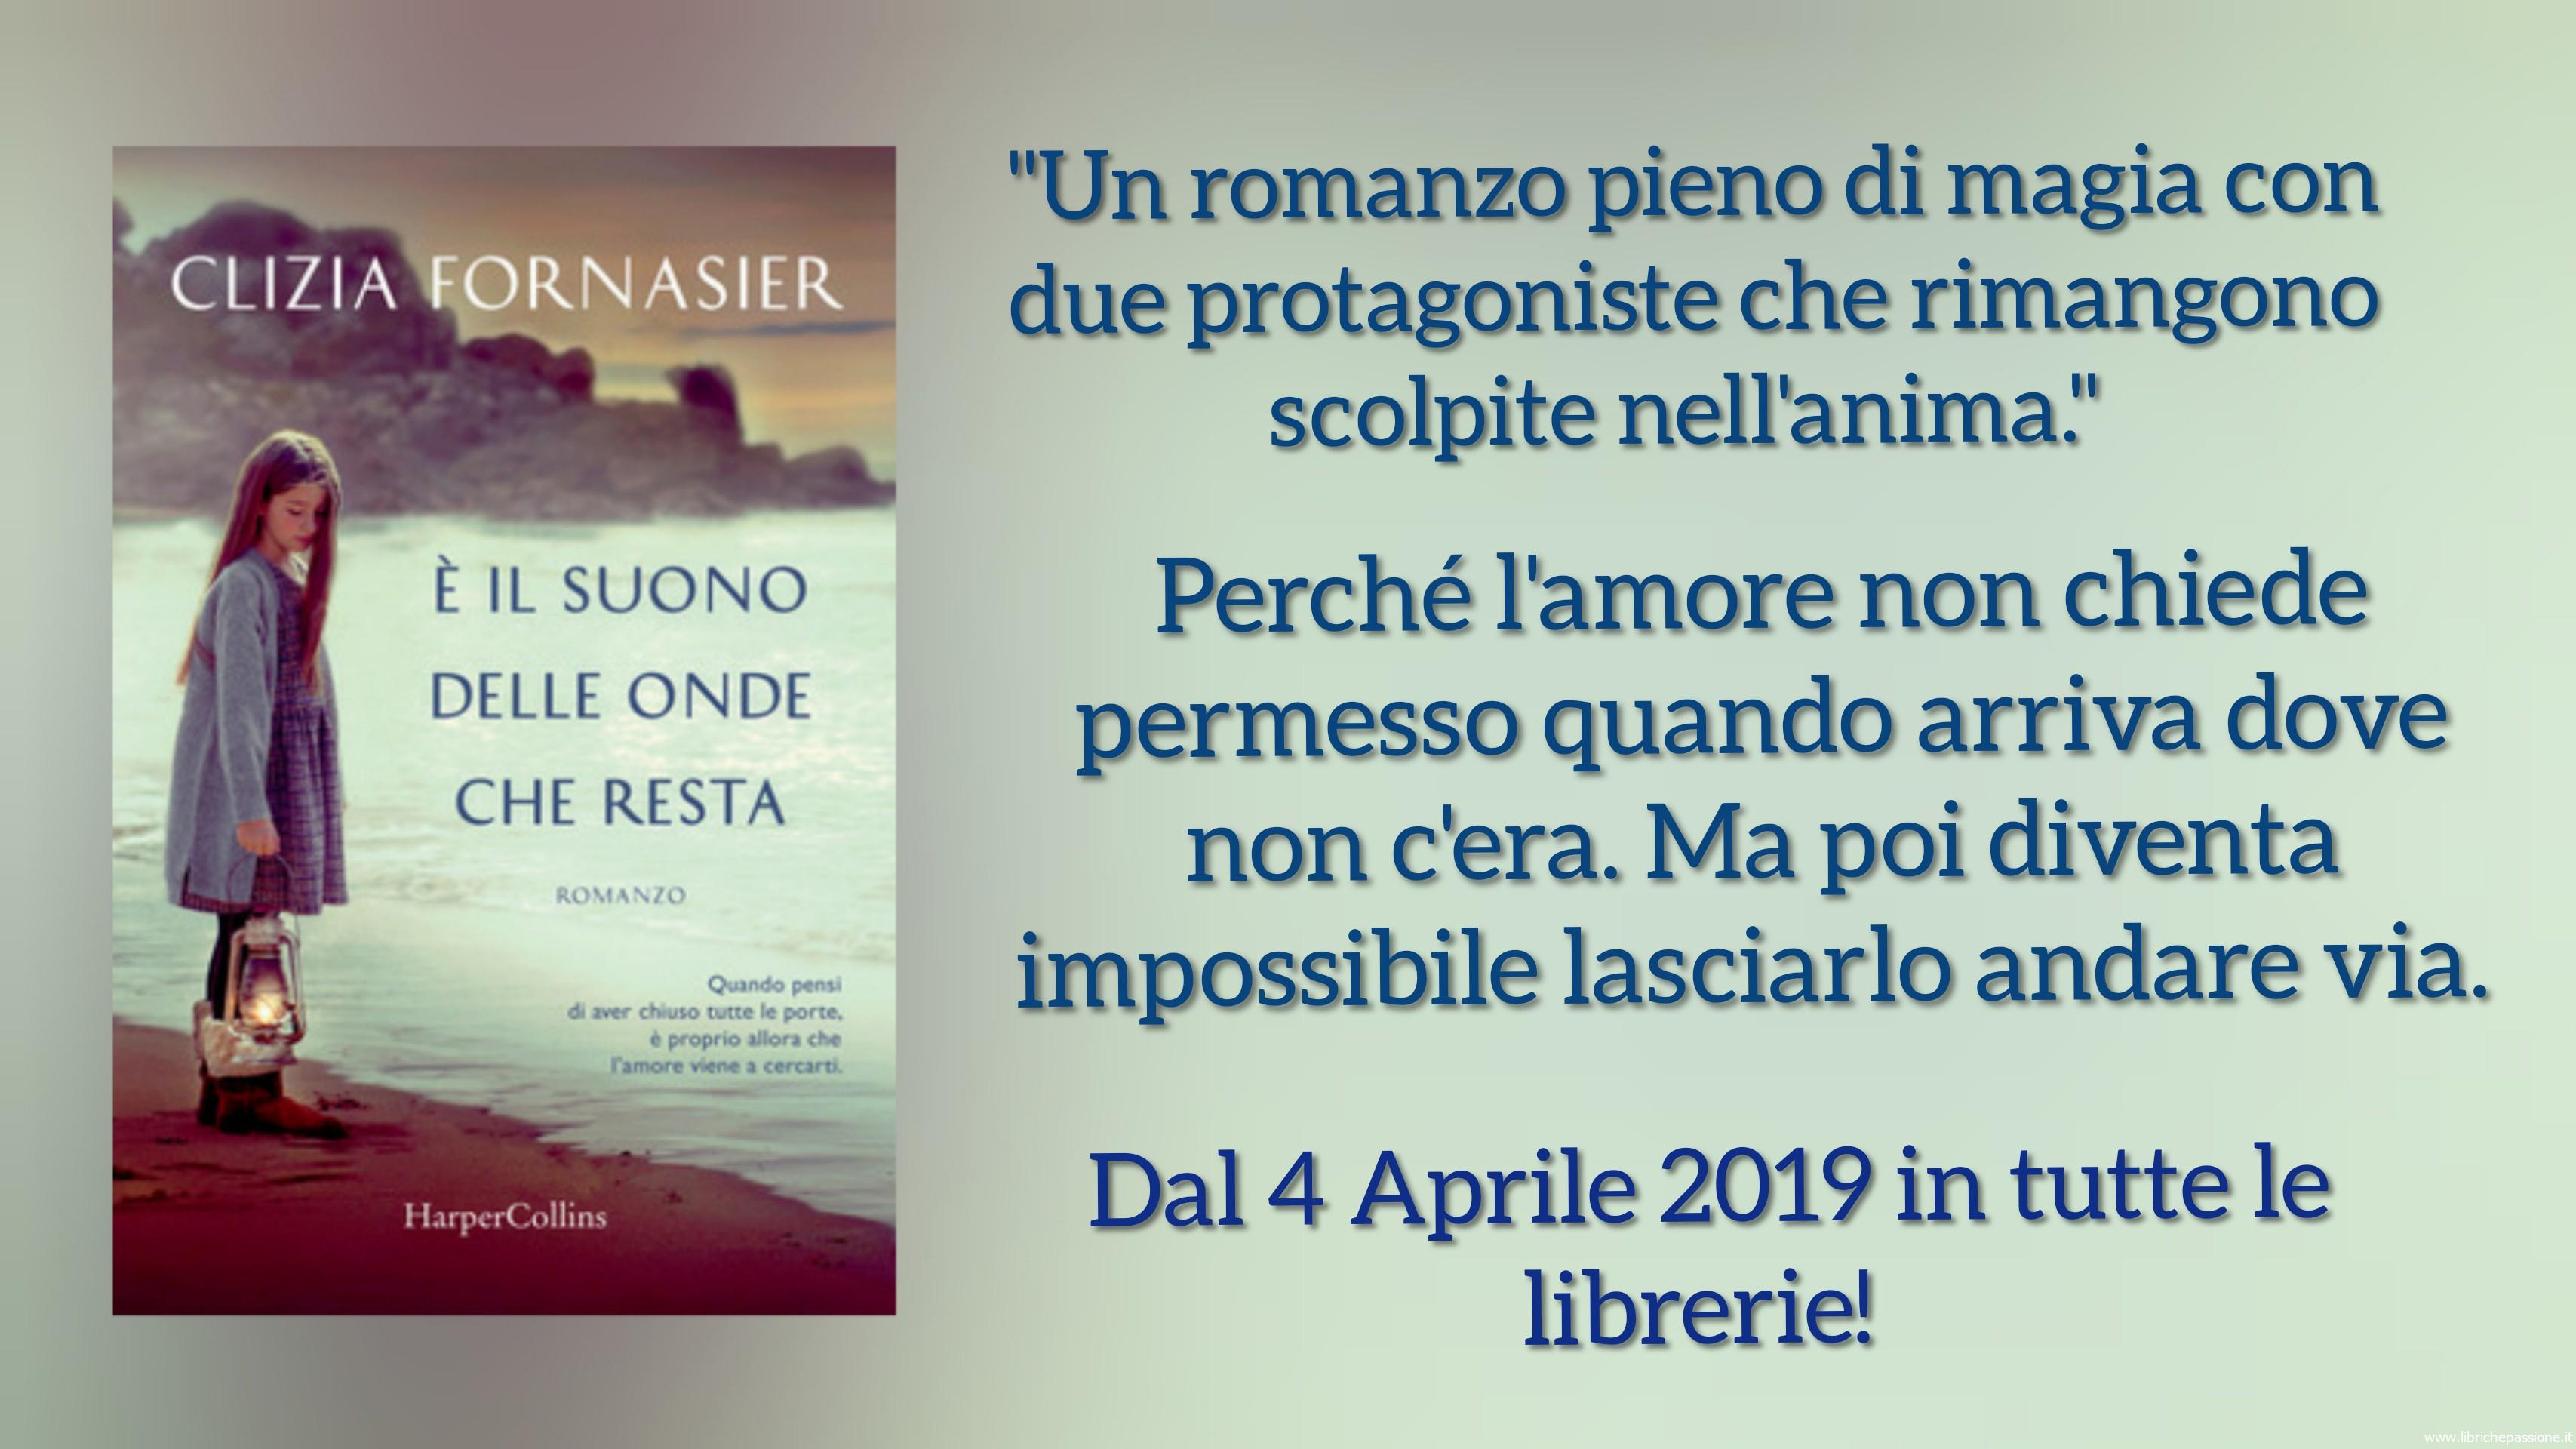 """Vi presento """"E'il suono delle onde che resta"""" esordio letterario dell'autrice Clizia Fornasier, edito HarperCollins"""